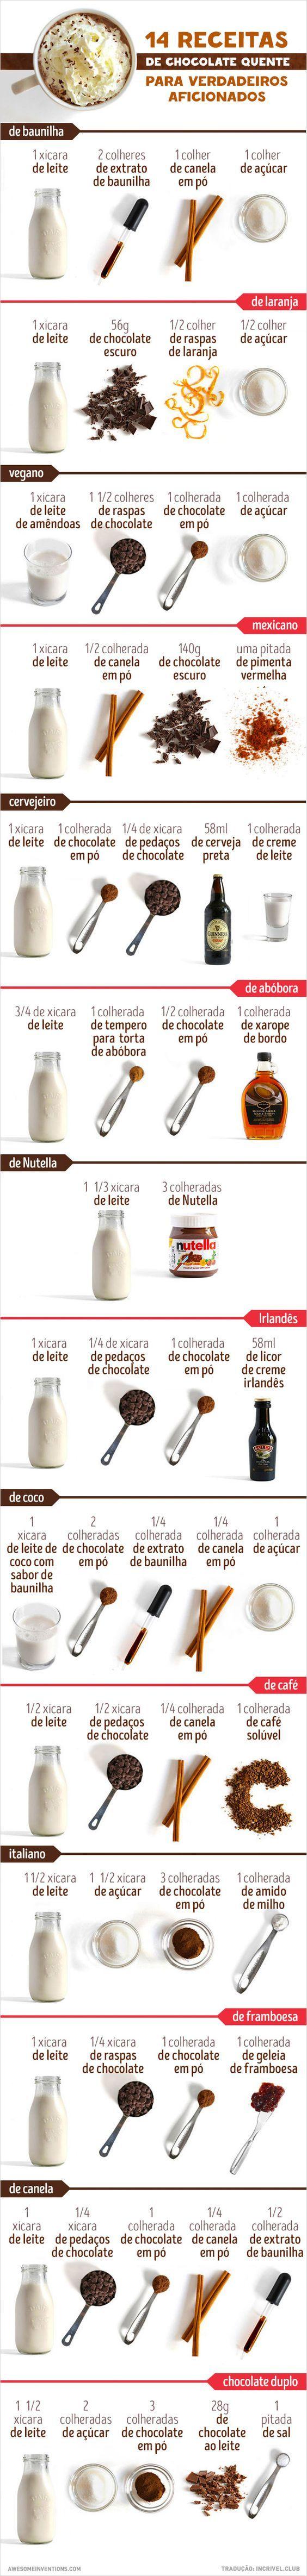 14 receitas de chocolate quente